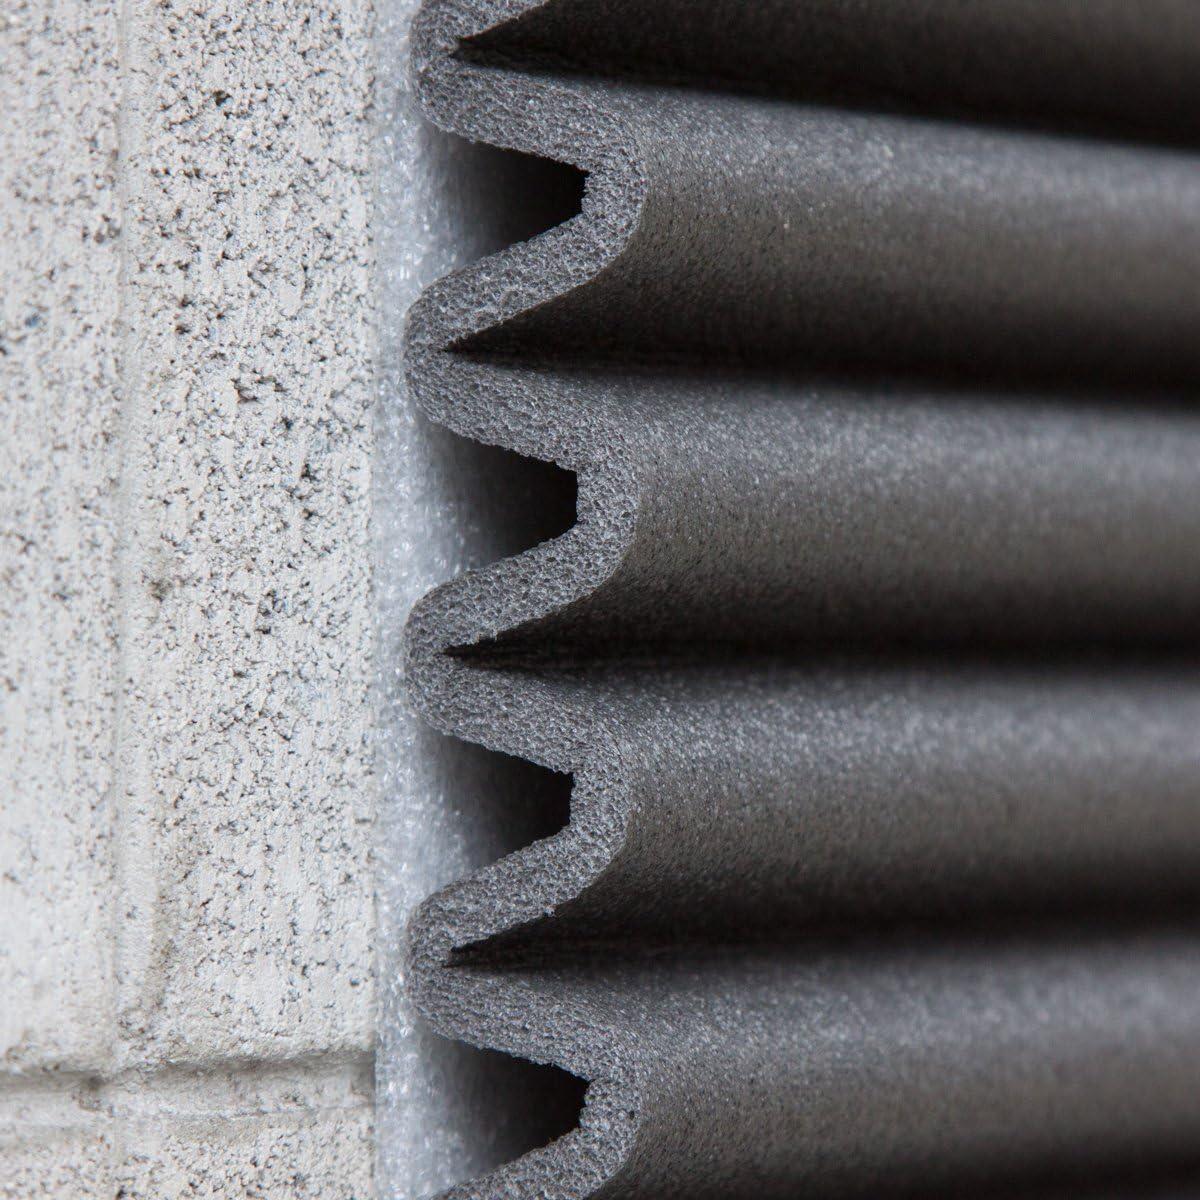 Stoßdämpfende Wandplatten Von Leggerodesign Selbstklebende Türkantenschutz Auto Wasserabweisend Garagen Wandschutz Jede Schachtel Enthält Vier Schaumstoffplatten 44 X 59 Cm Farbe Schwarz Auto